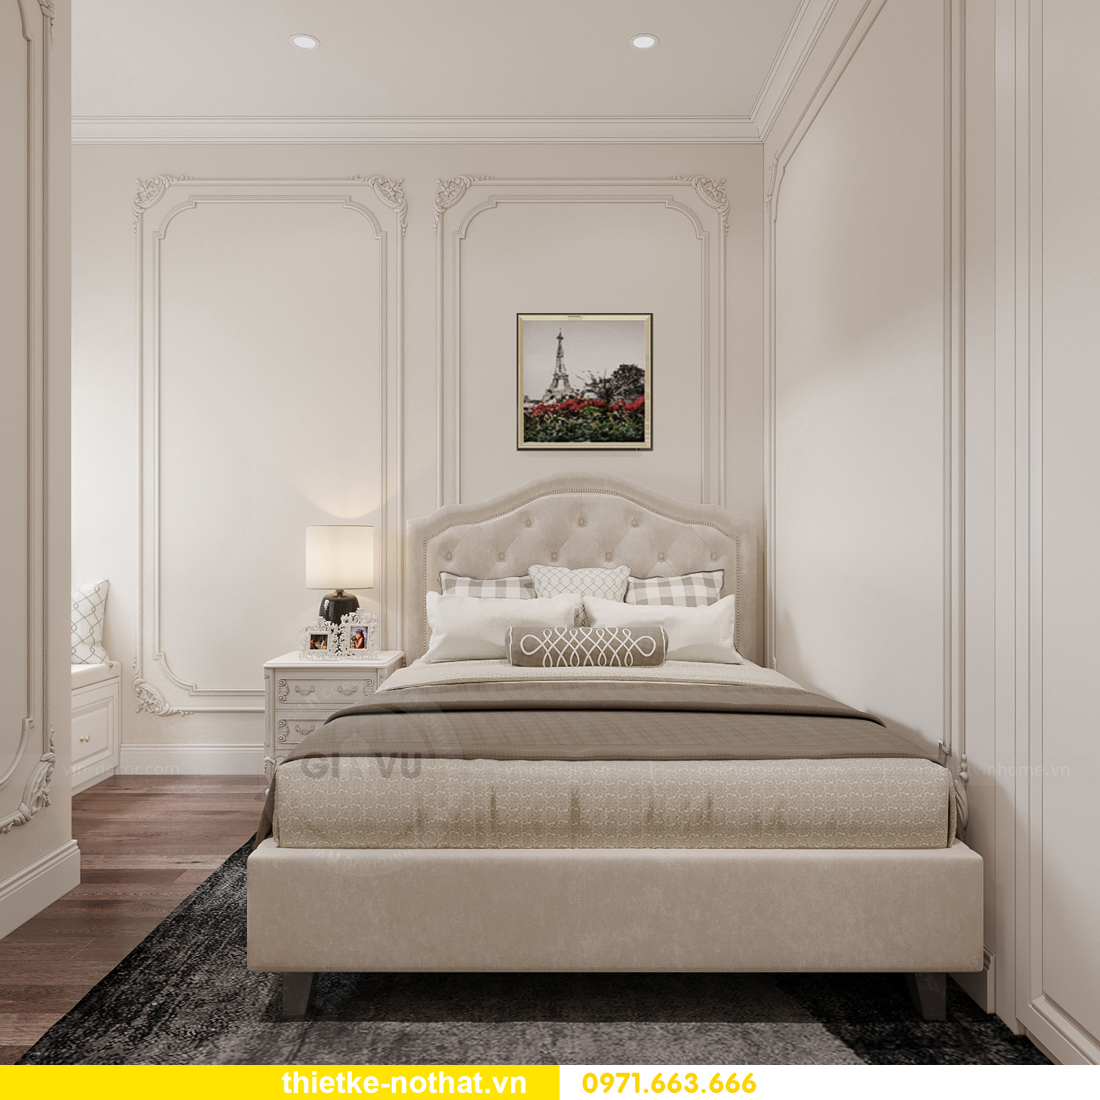 thiết kế nội thất chung cư tân cổ điển tại Vinhomes Green Bay 13